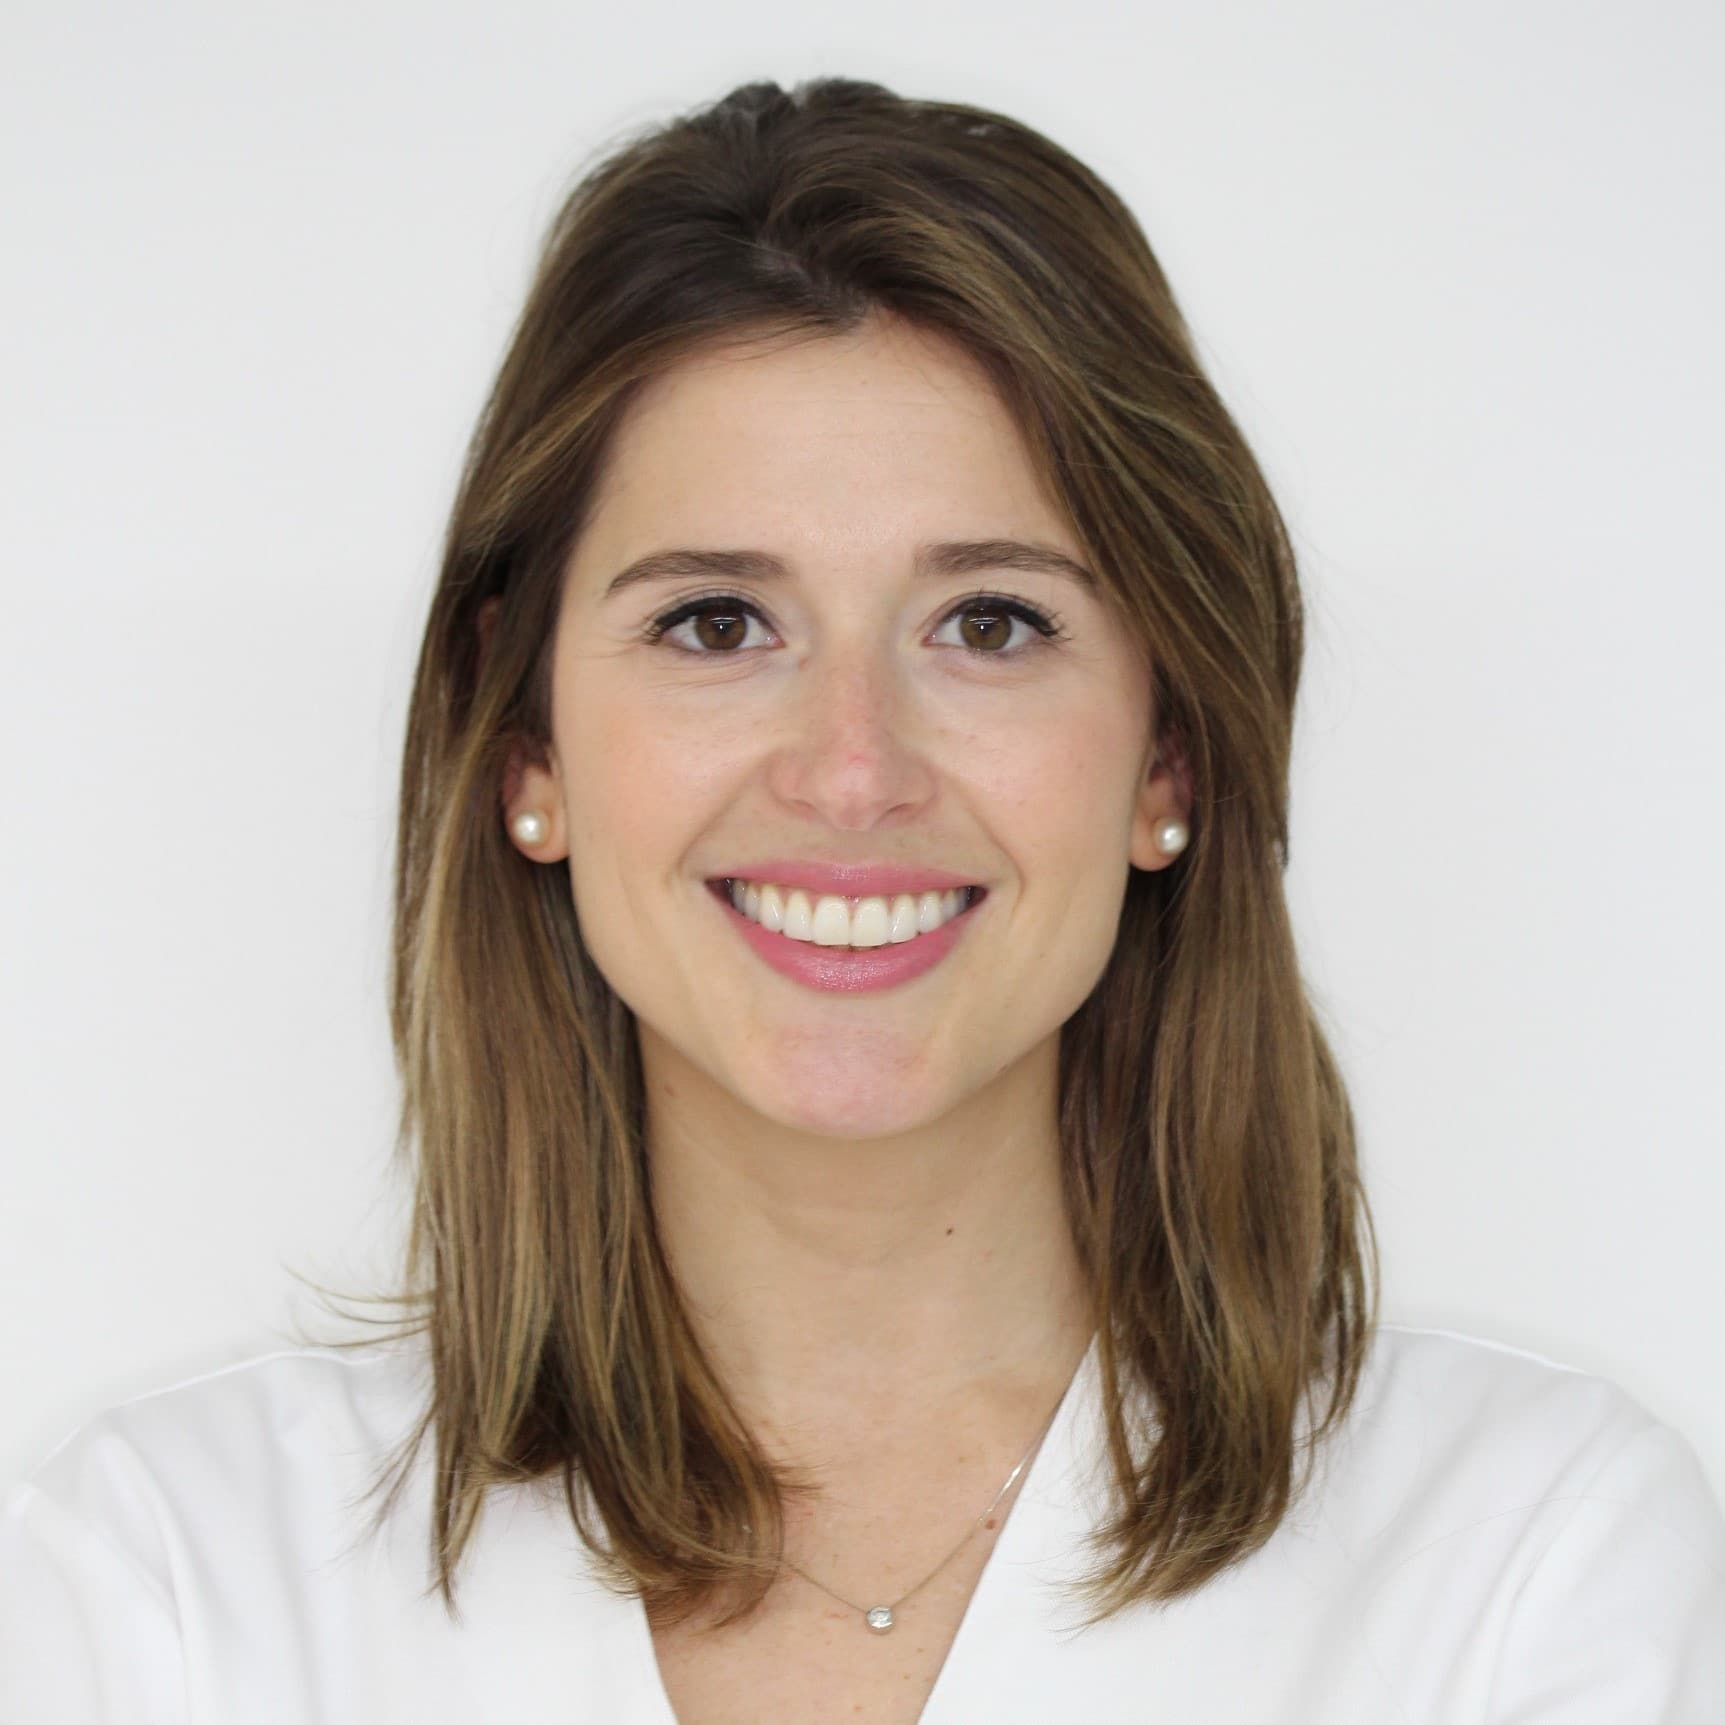 Patricia Sanz Orejas - Especialista en Ortodoncia Infantil y Adultos